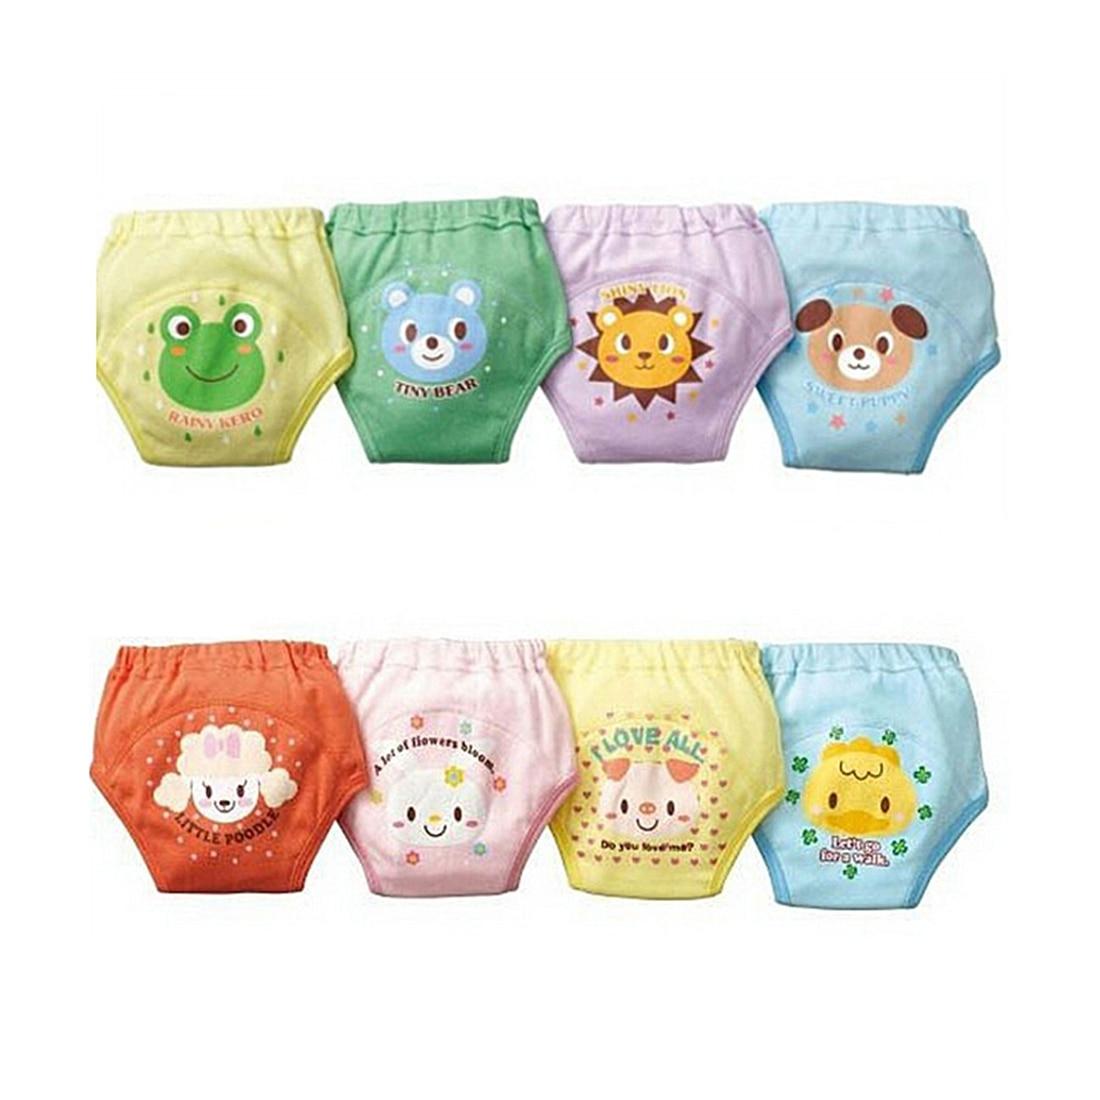 4 X Bambino Del Bambino Delle Ragazze Dei Ragazzi Carino 4 Strati Impermeabili Potty Training Pants riutilizzabile 4 Formato di Invio casuale